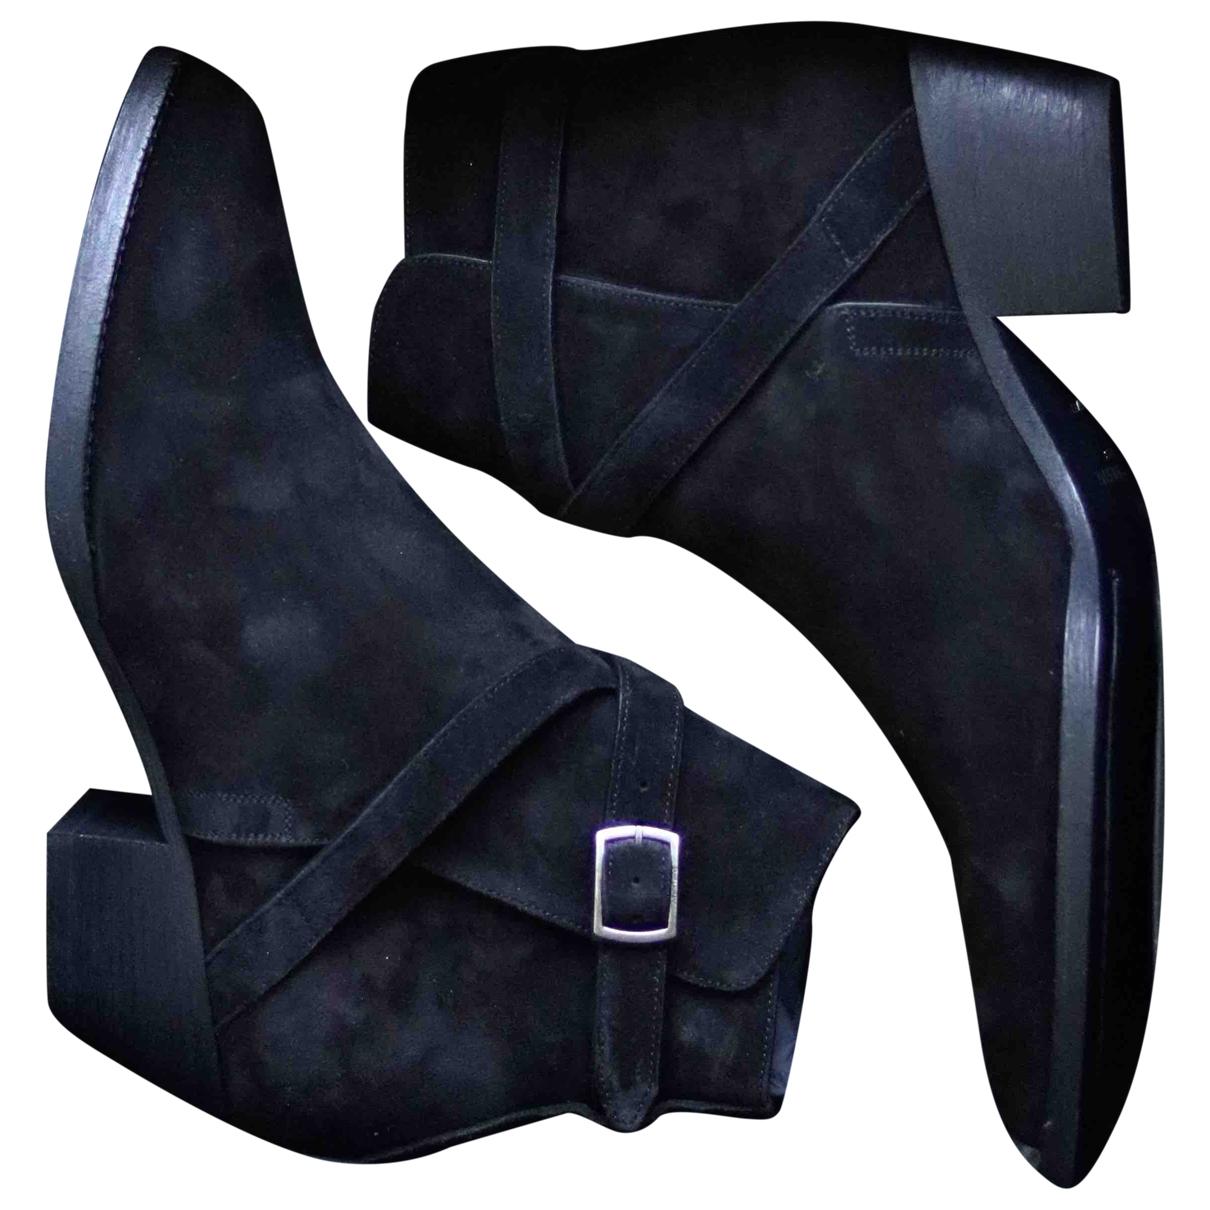 Saint Laurent Wyatt Jodphur Black Suede Boots for Men 43 EU